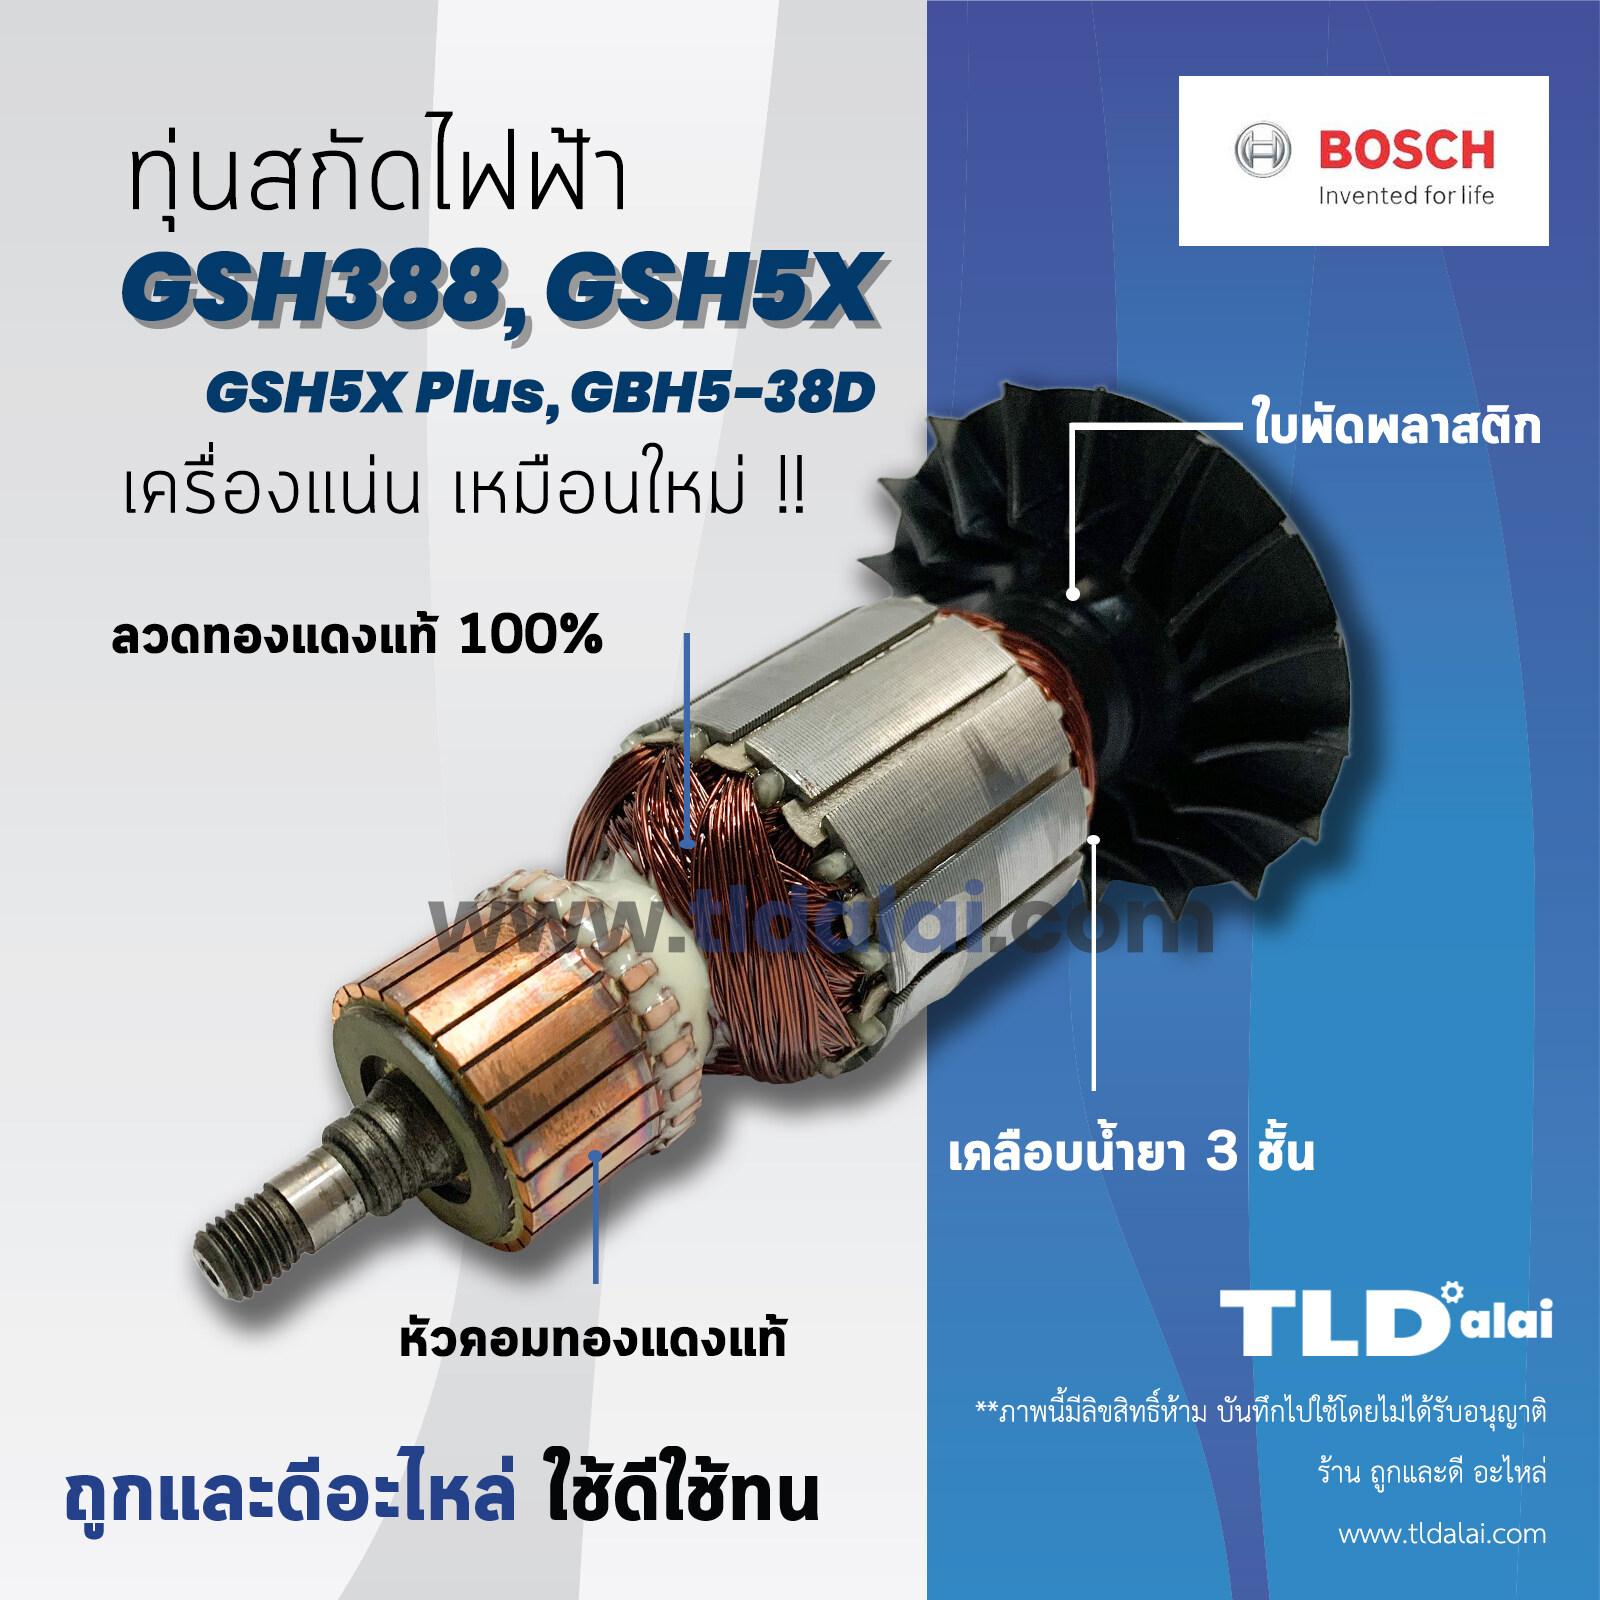 ส่งไว  ทุ่น Bosch บอช สกัด แย็ก รุ่น GSH388,GSH5 , GSH5X, GSH5X Plus, GBH5-38D, GSH500 อย่างดี